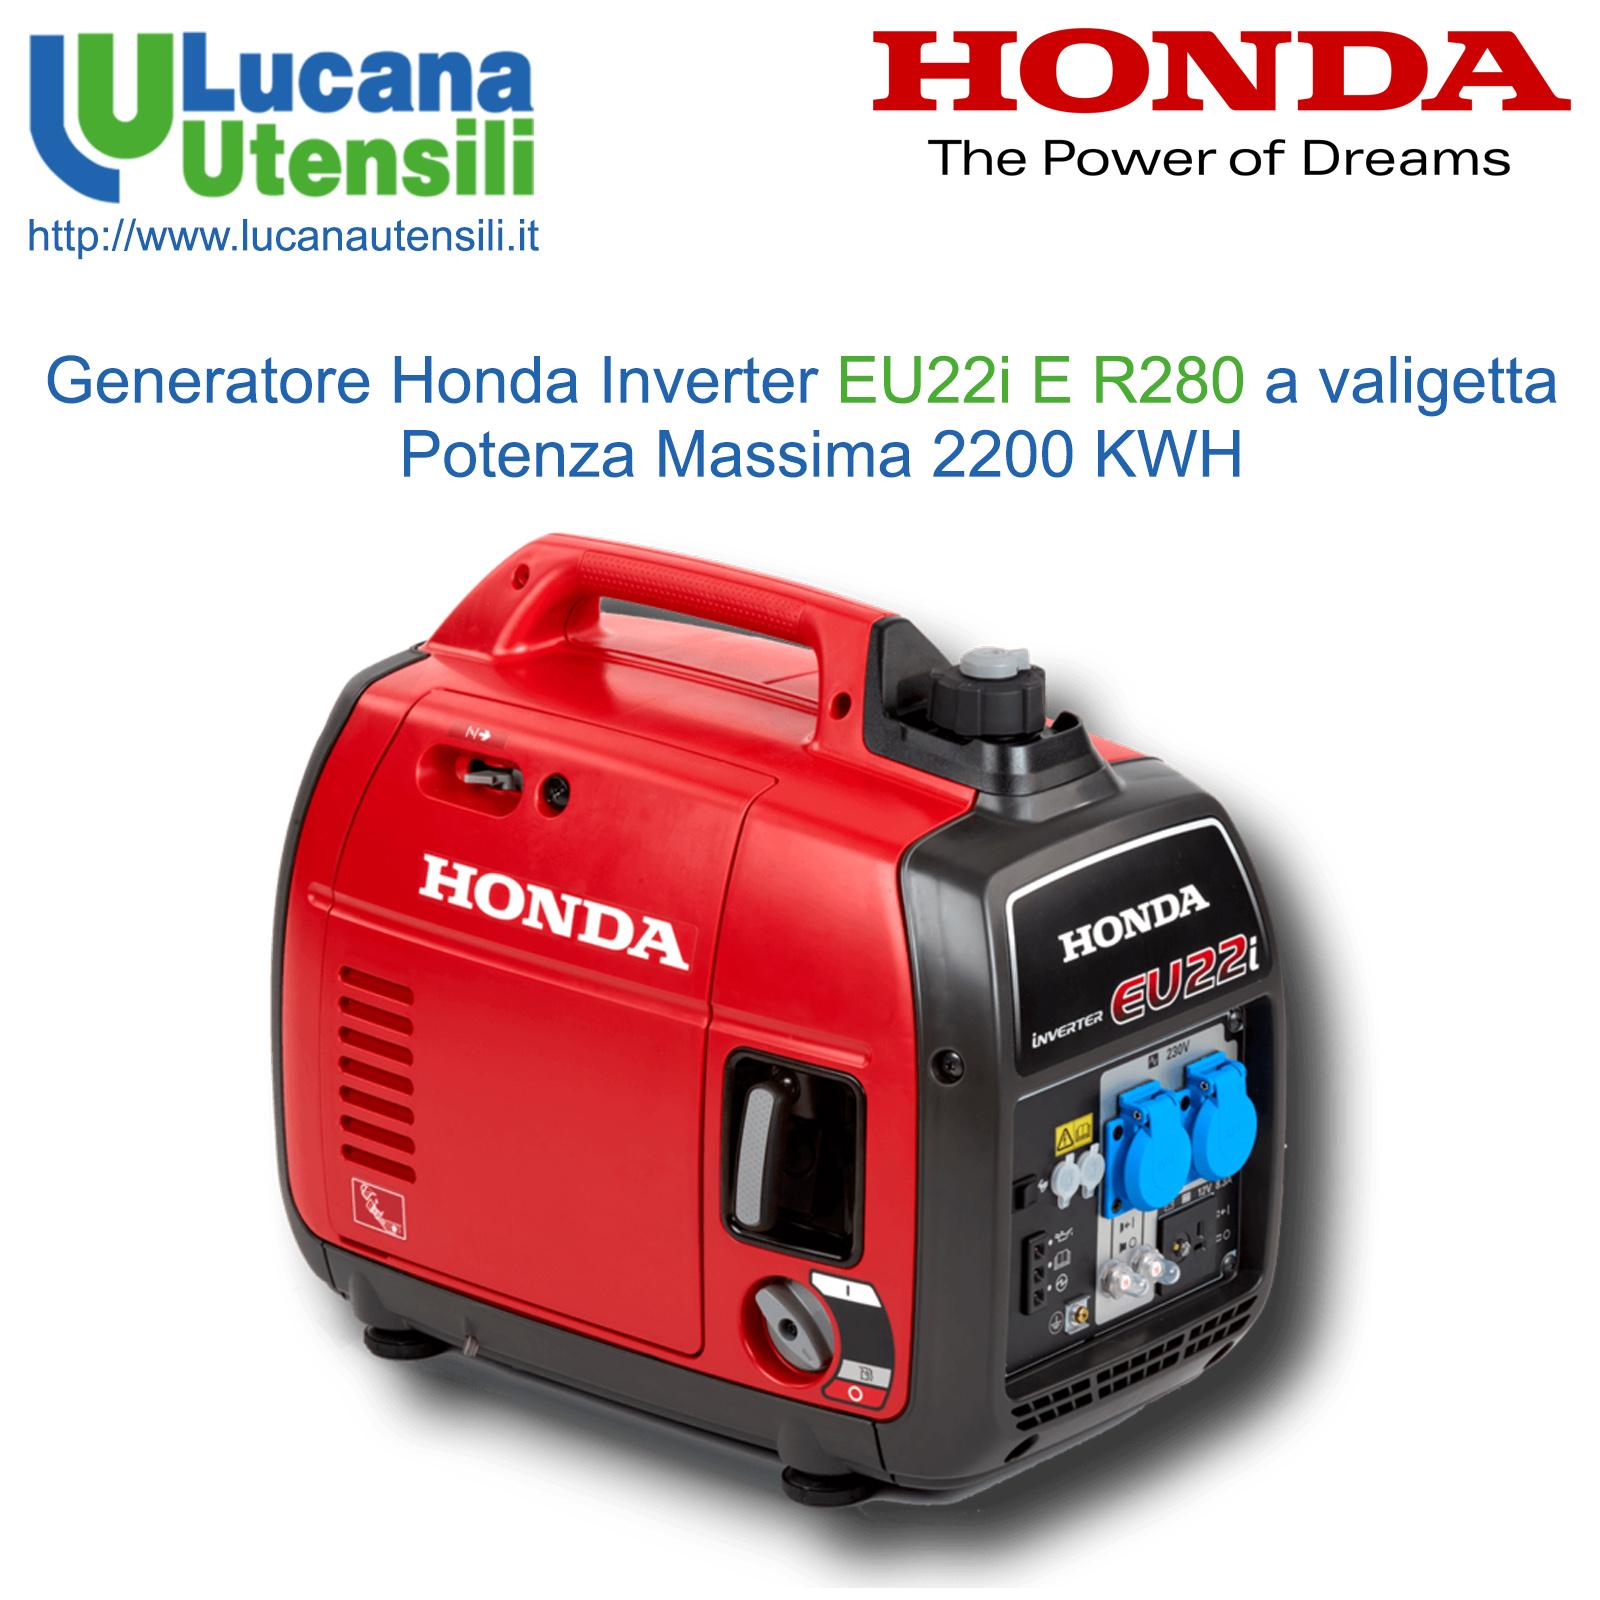 Honda generatore inverter silenziato 2 2kw modello eu22i e for Generatore di corrente honda usato